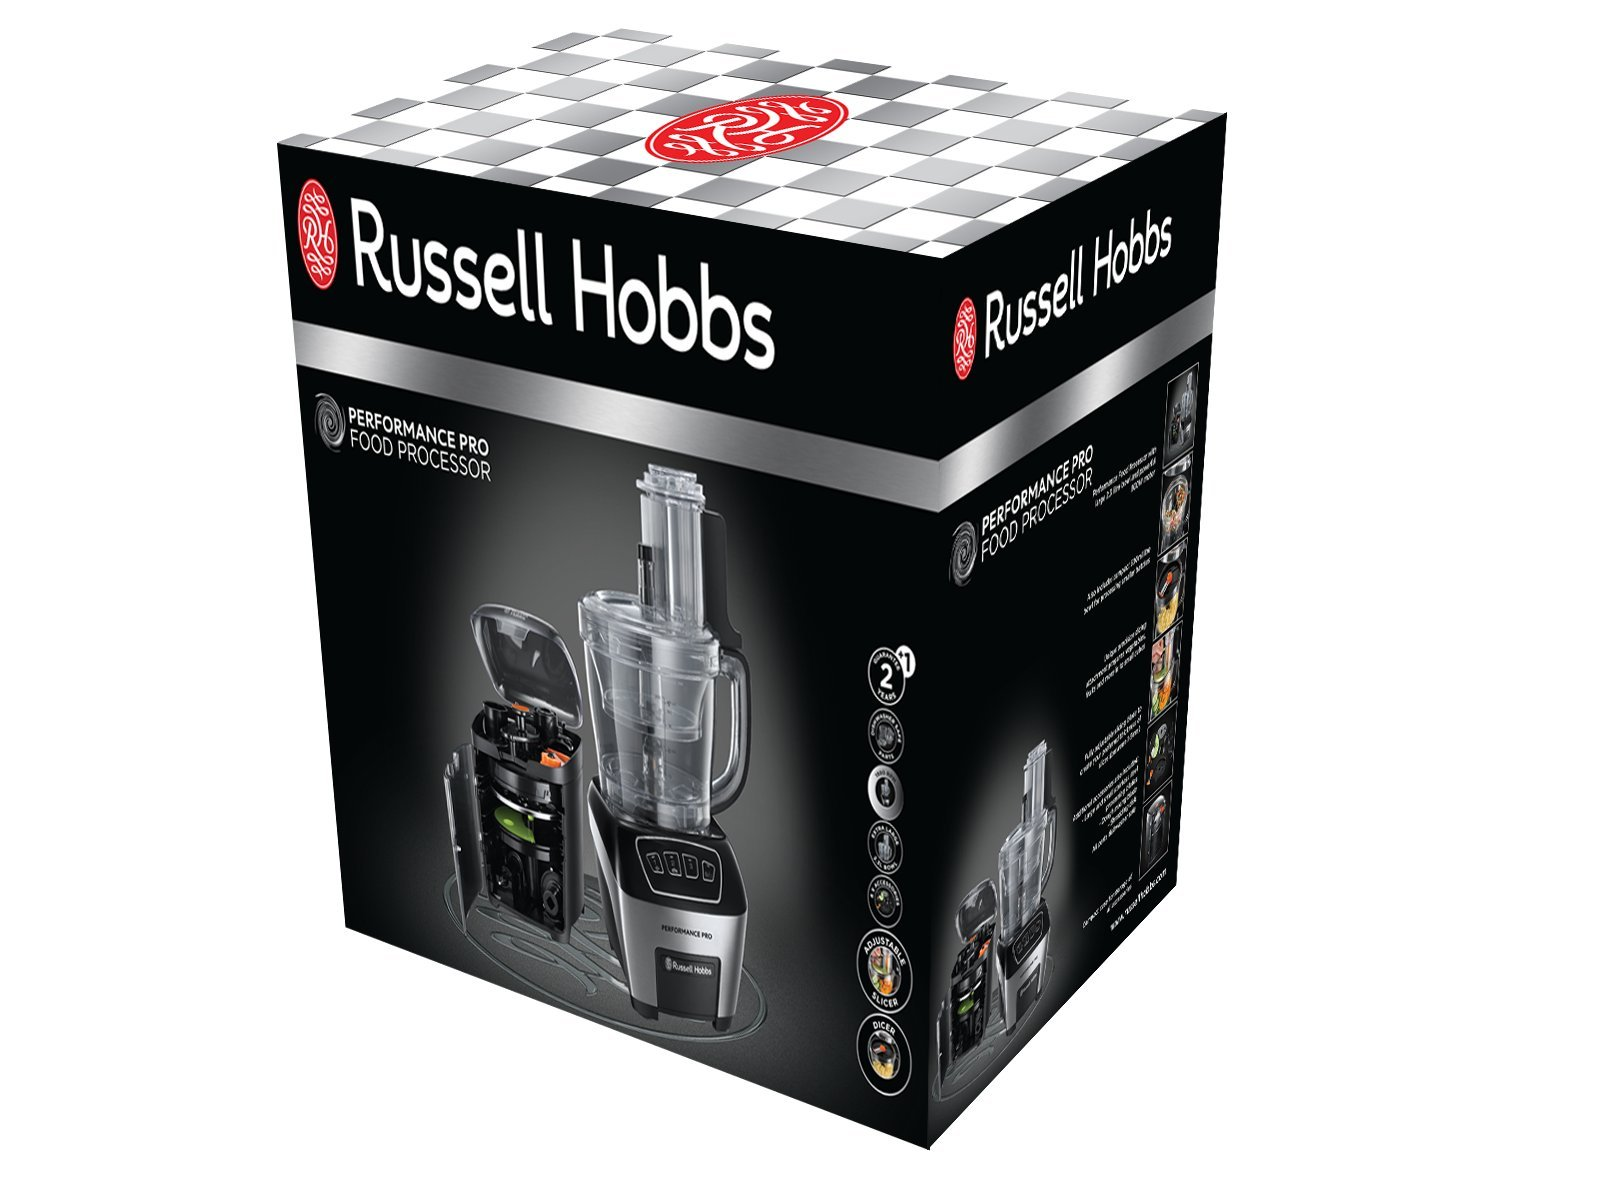 Russell-Hobbs-22270-56-Food-Processor-Performance-Pro-LED-Anzeige-mit-3-Geschwindigkeitsstufen-inkl-Aufbewahrungsbox-800-Watt-Edelstahlschwarz